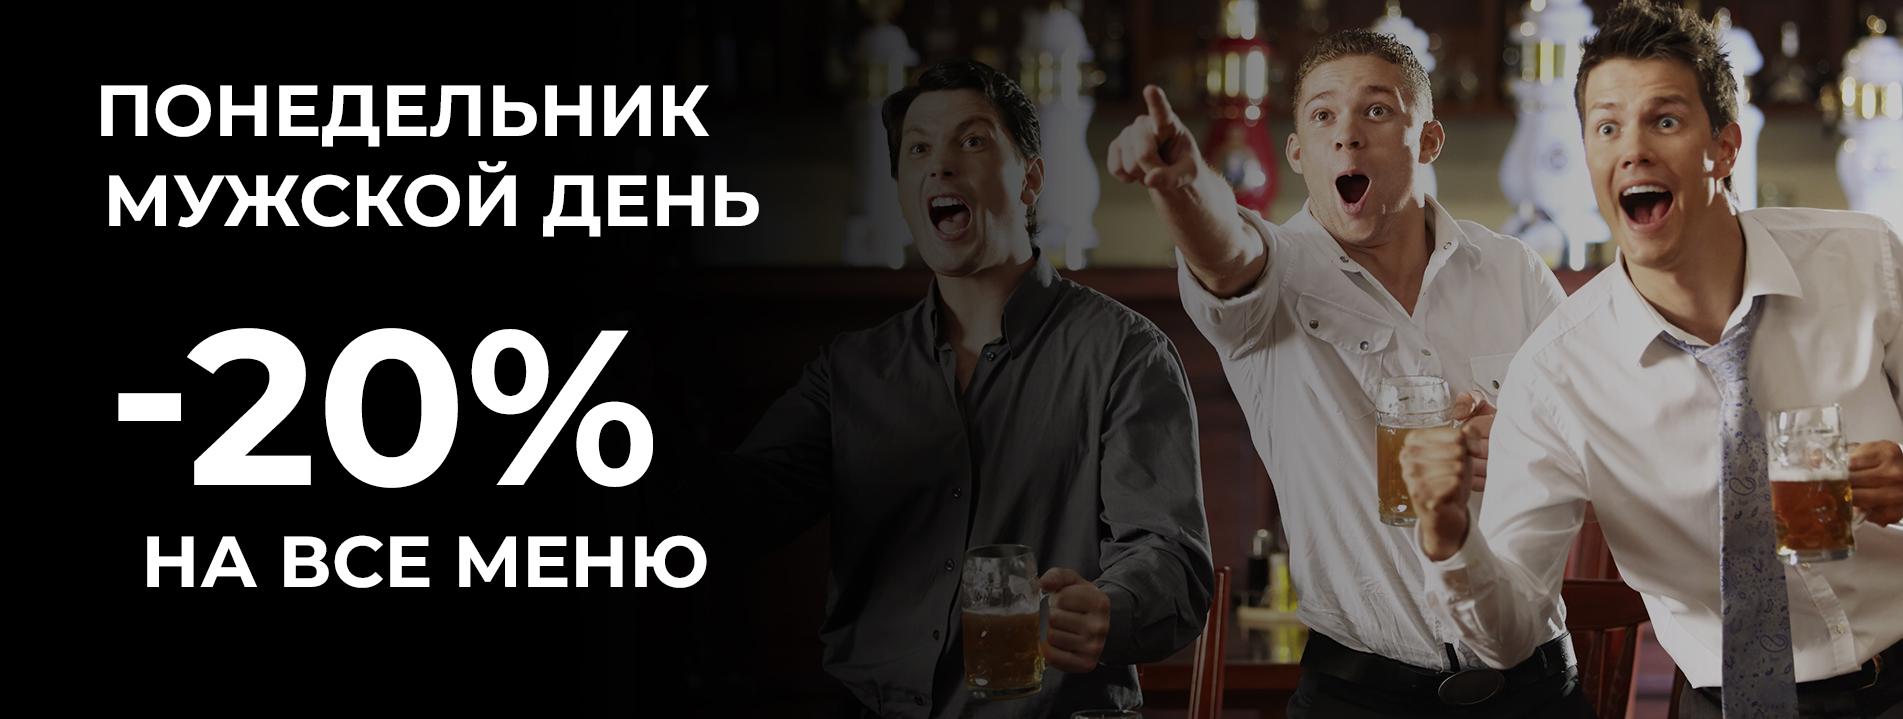 ПОНЕДЕЛЬНИК -20%